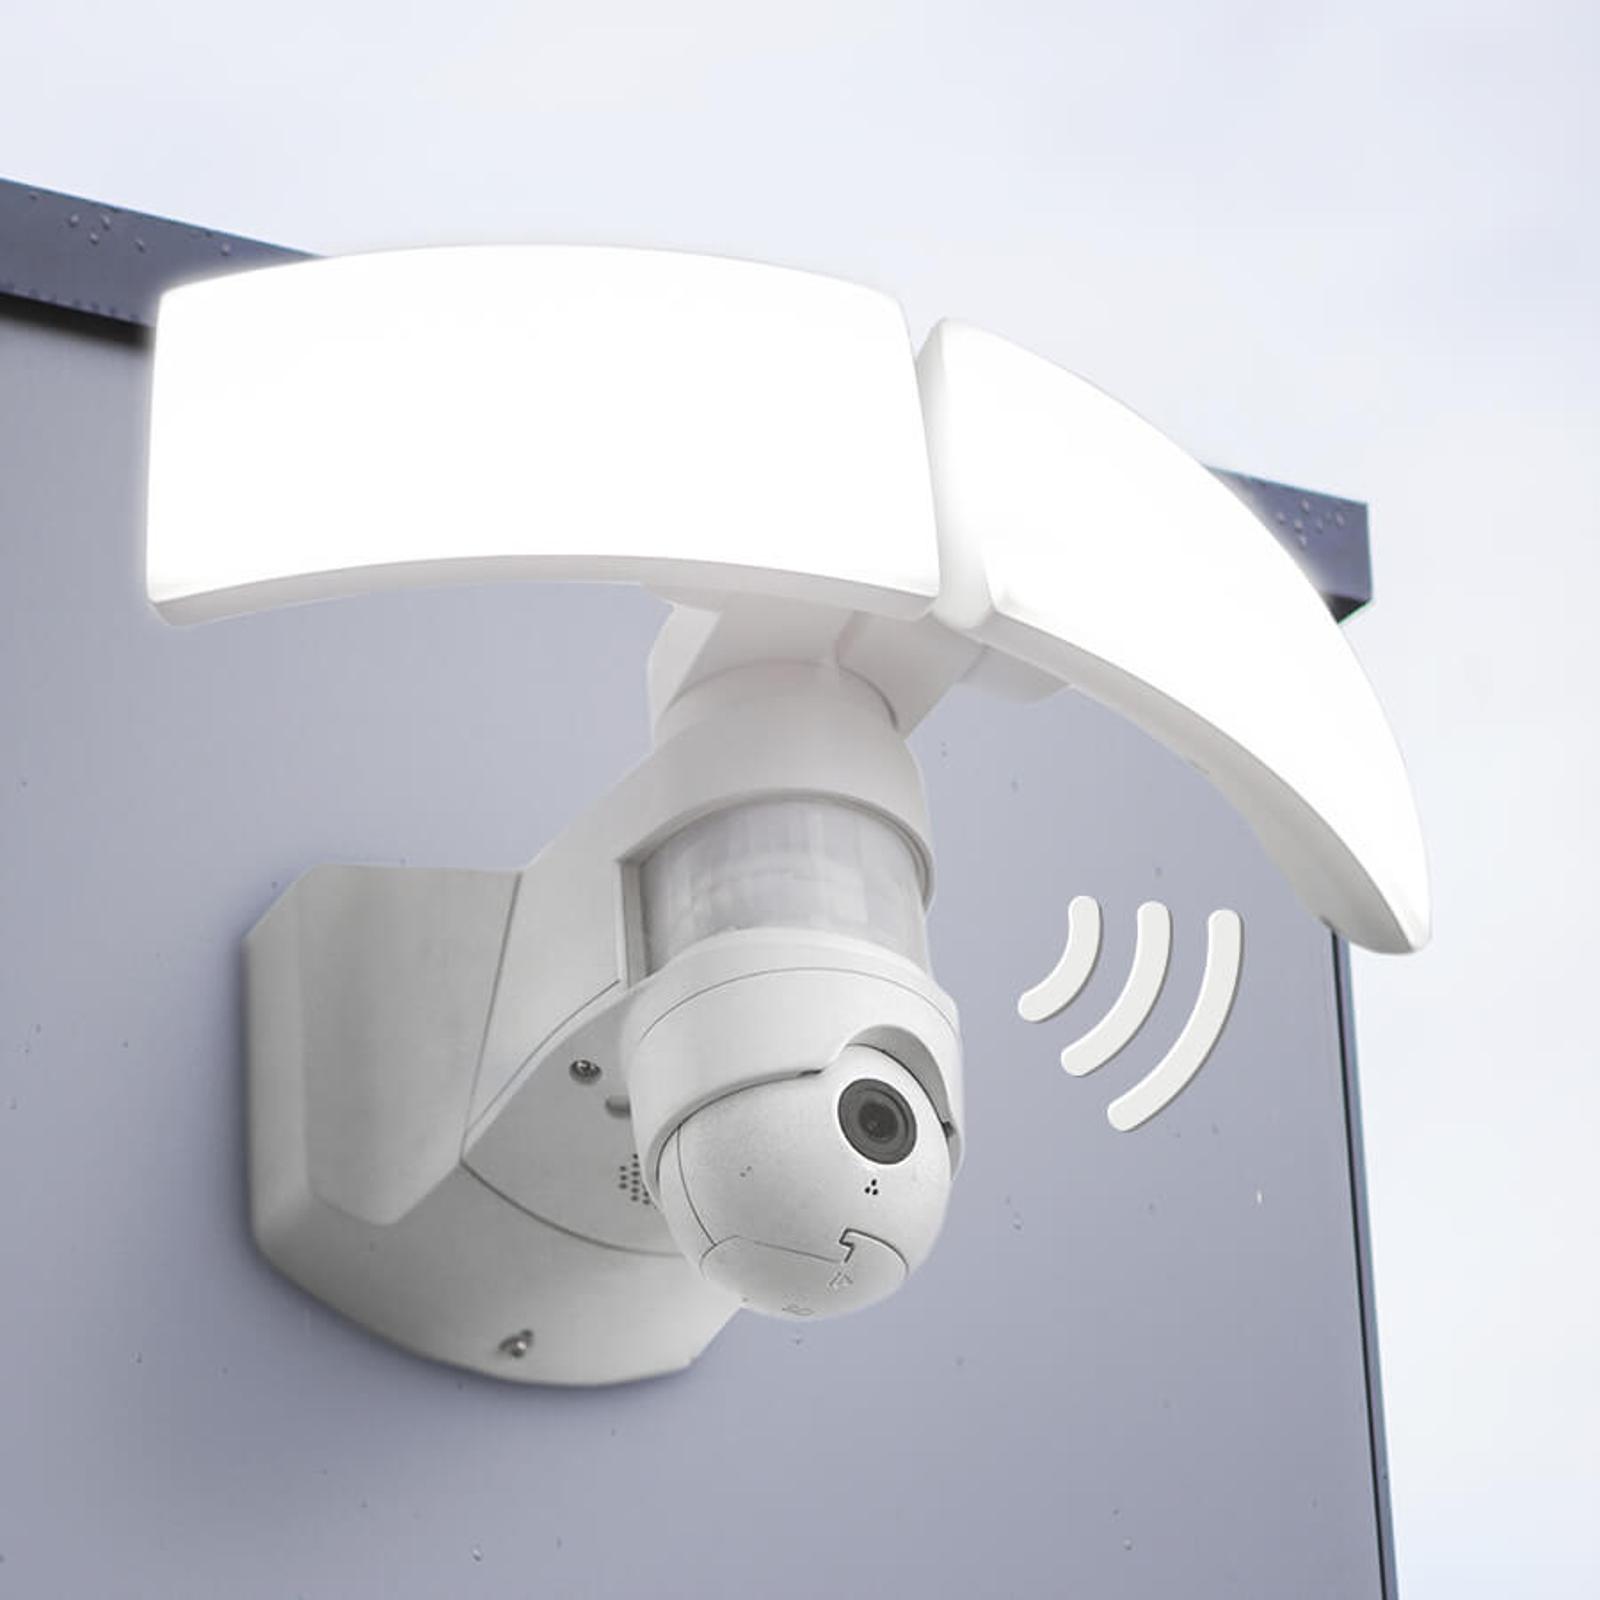 Zewnętrzna lampa ścienna LED Libra Cam z kamerą